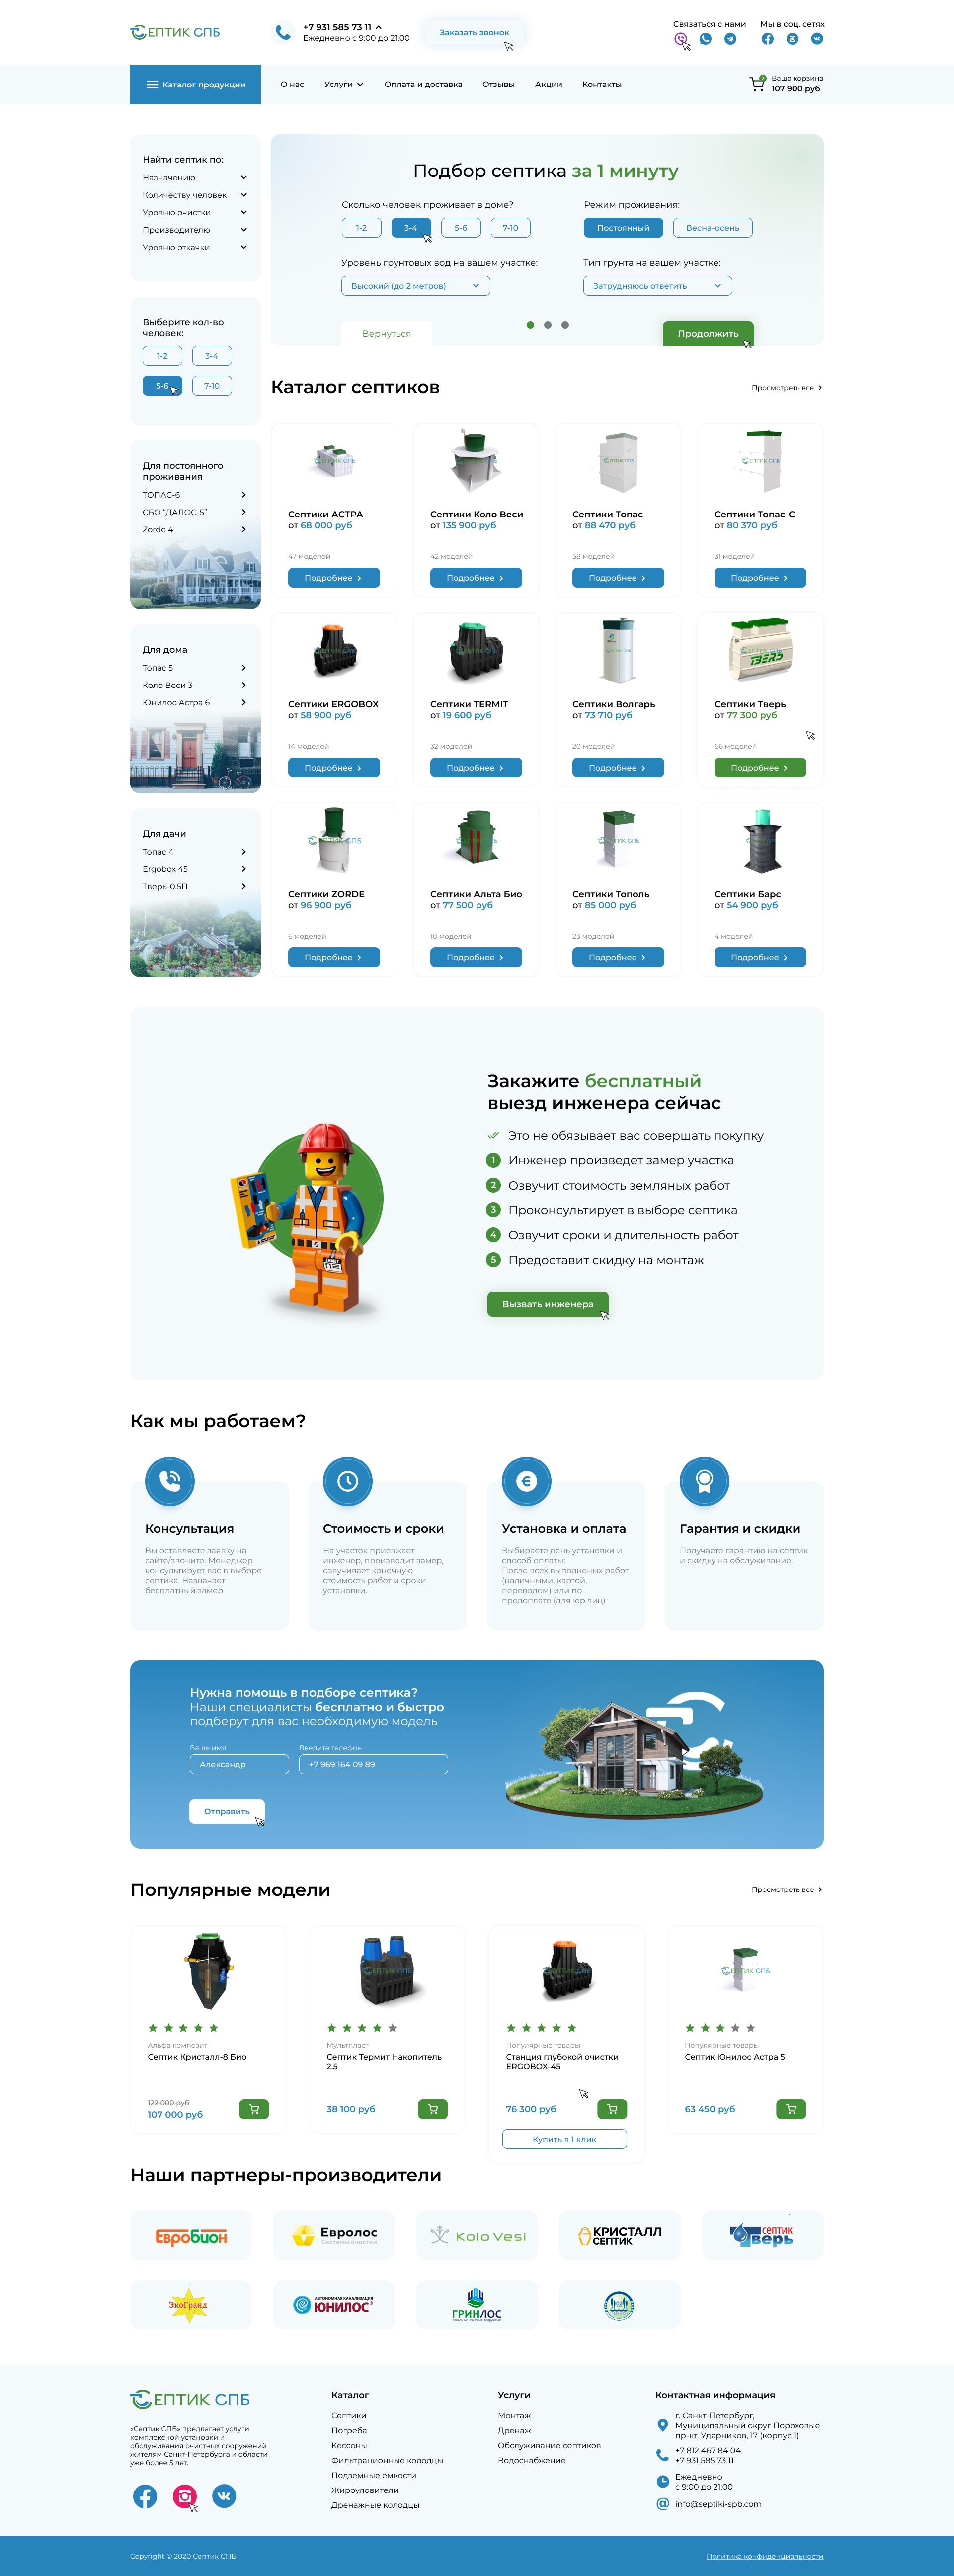 Редизайн сайта (без смены блочной страктуры) фото f_38460ce5447276e2.png